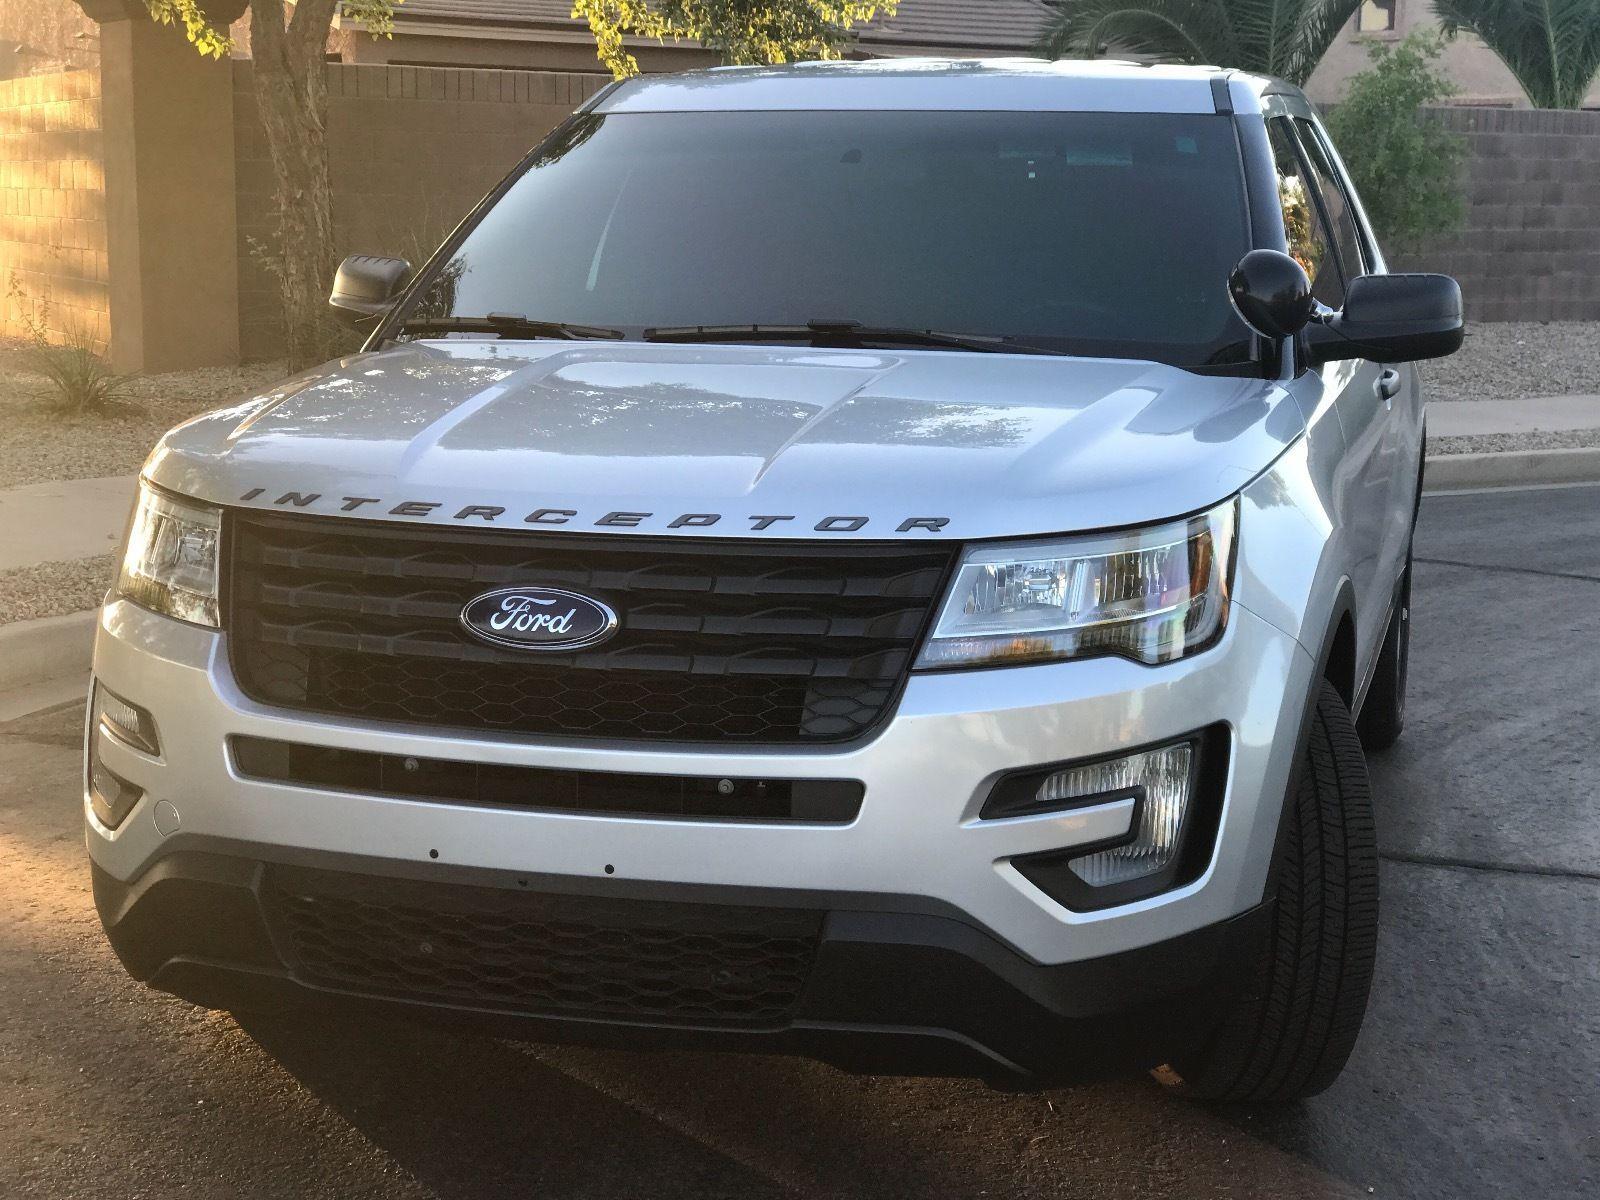 Best 25 new ford explorer ideas on pinterest ford explorer ford explorer sport and ford explorer truck